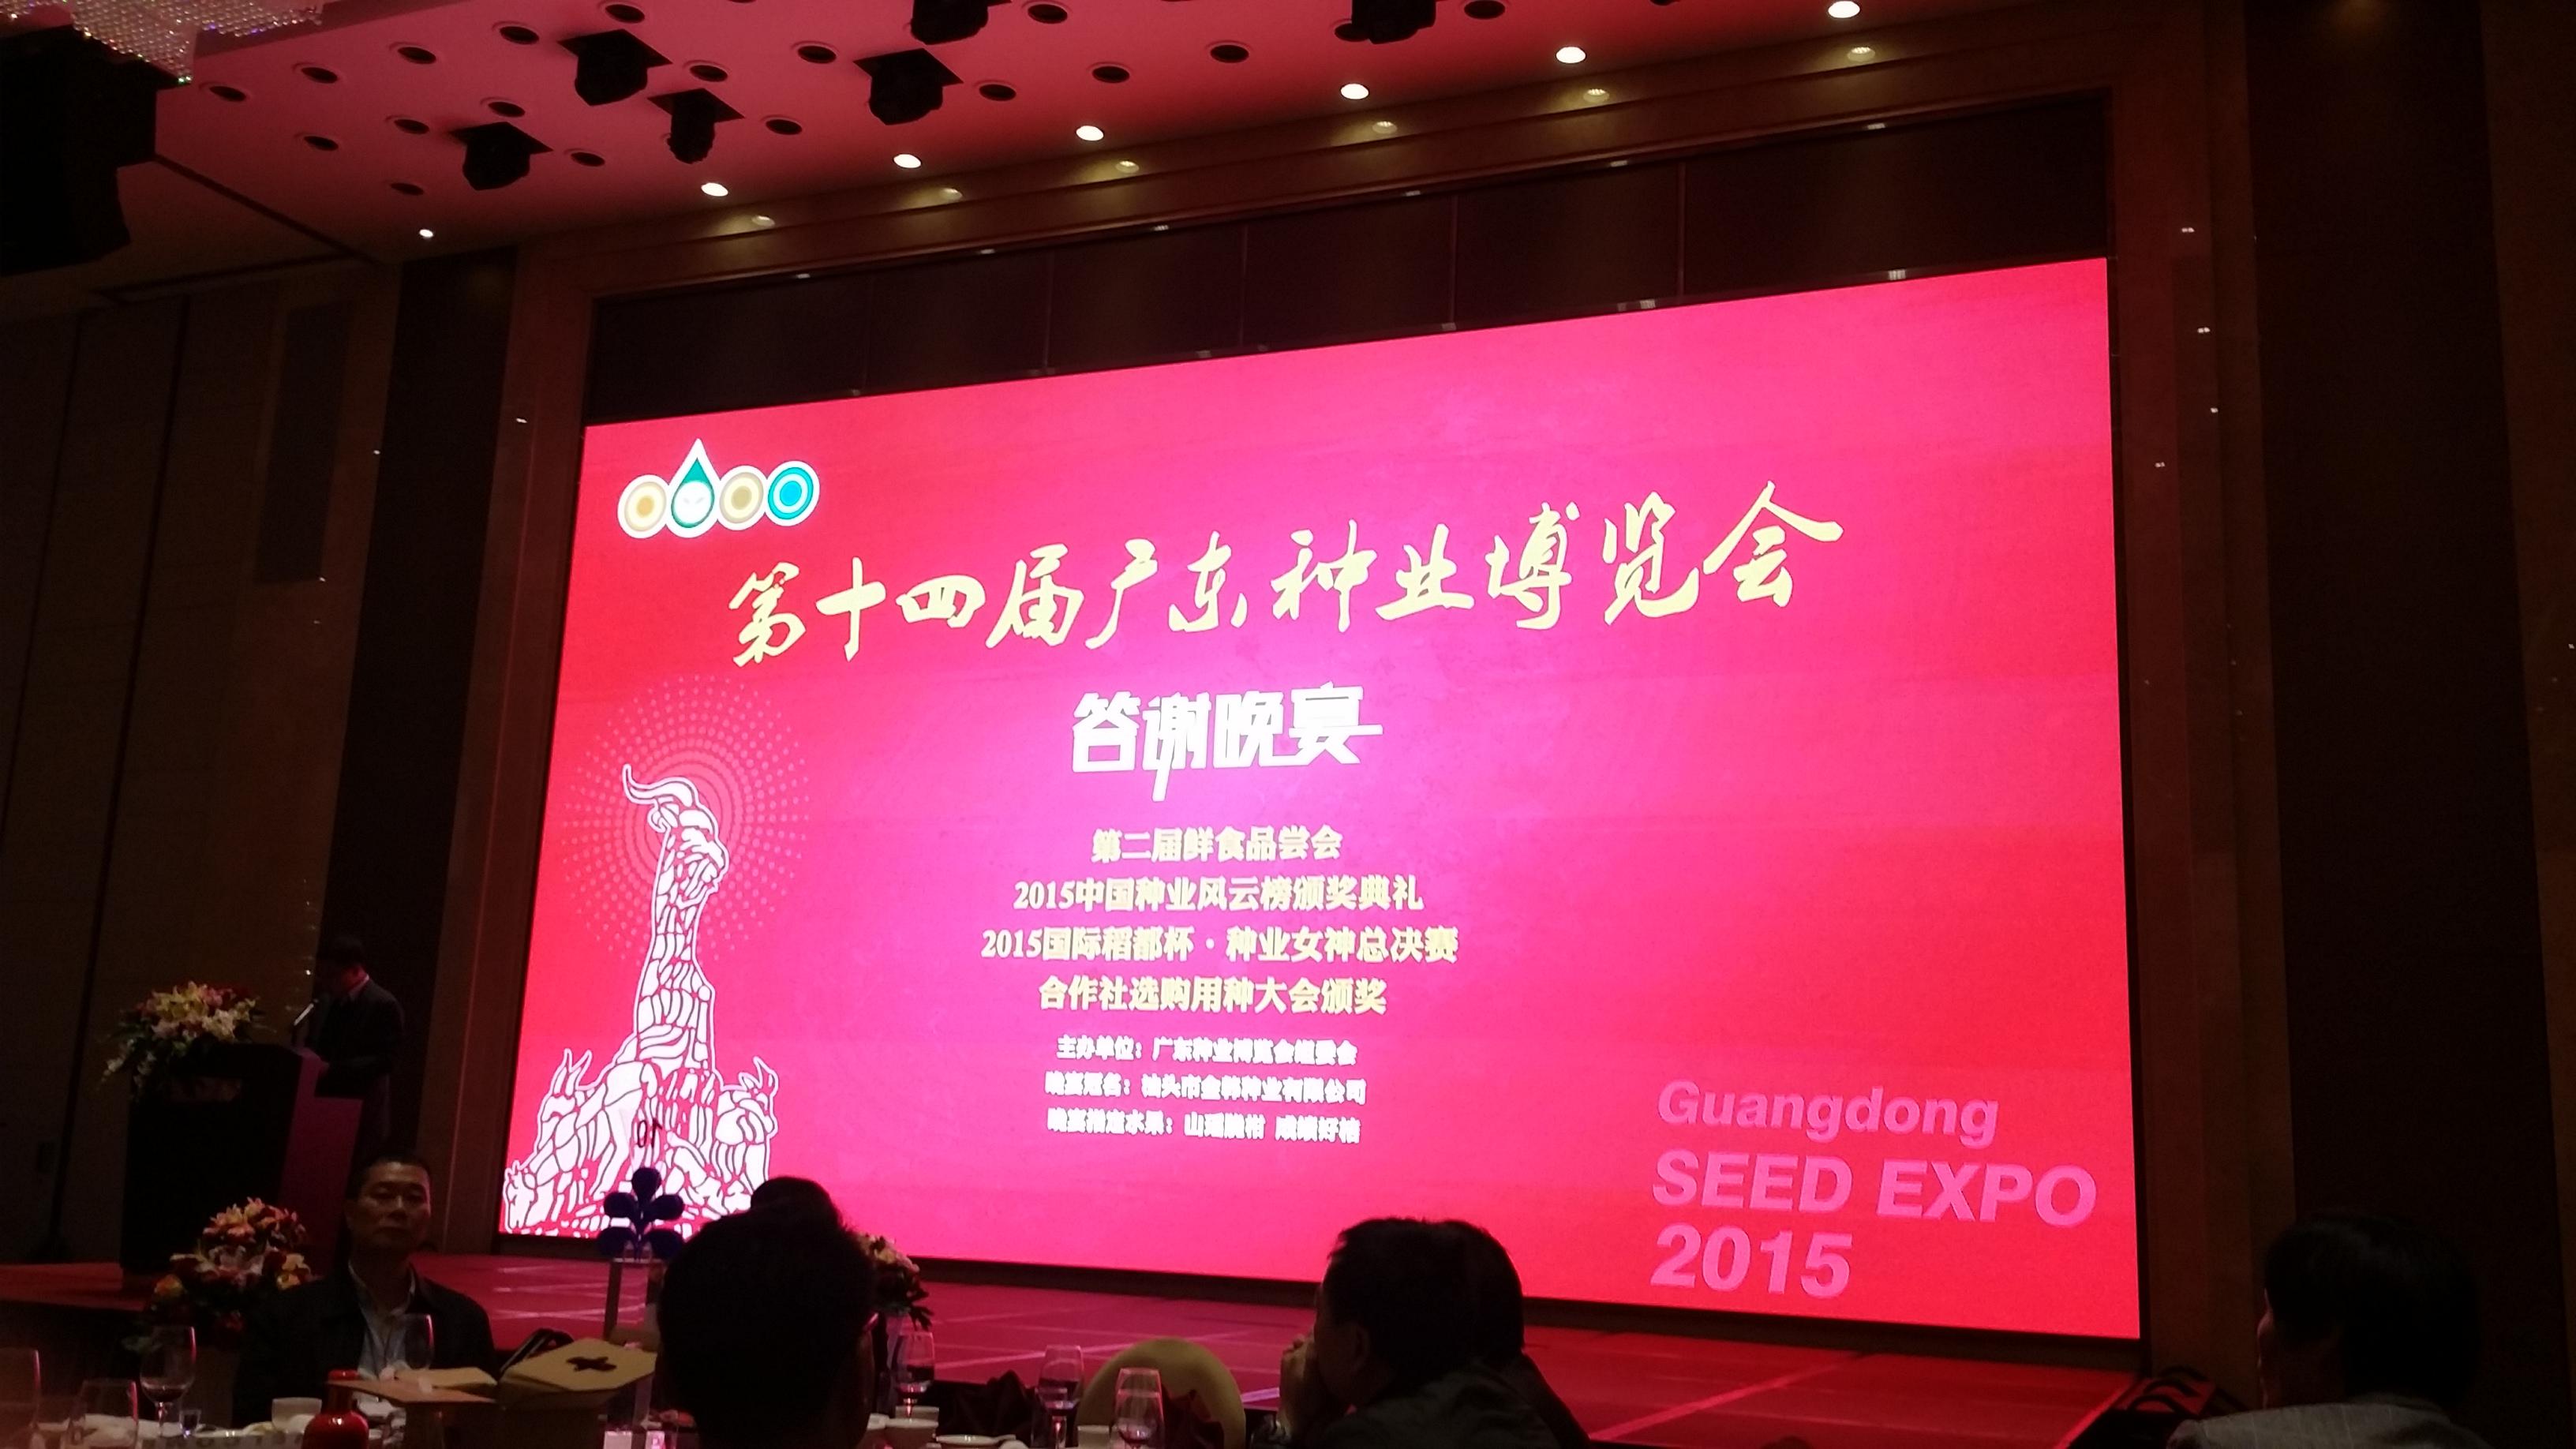 超级大果欧丽500 河南必威88网址种业有限公司 广州种博会